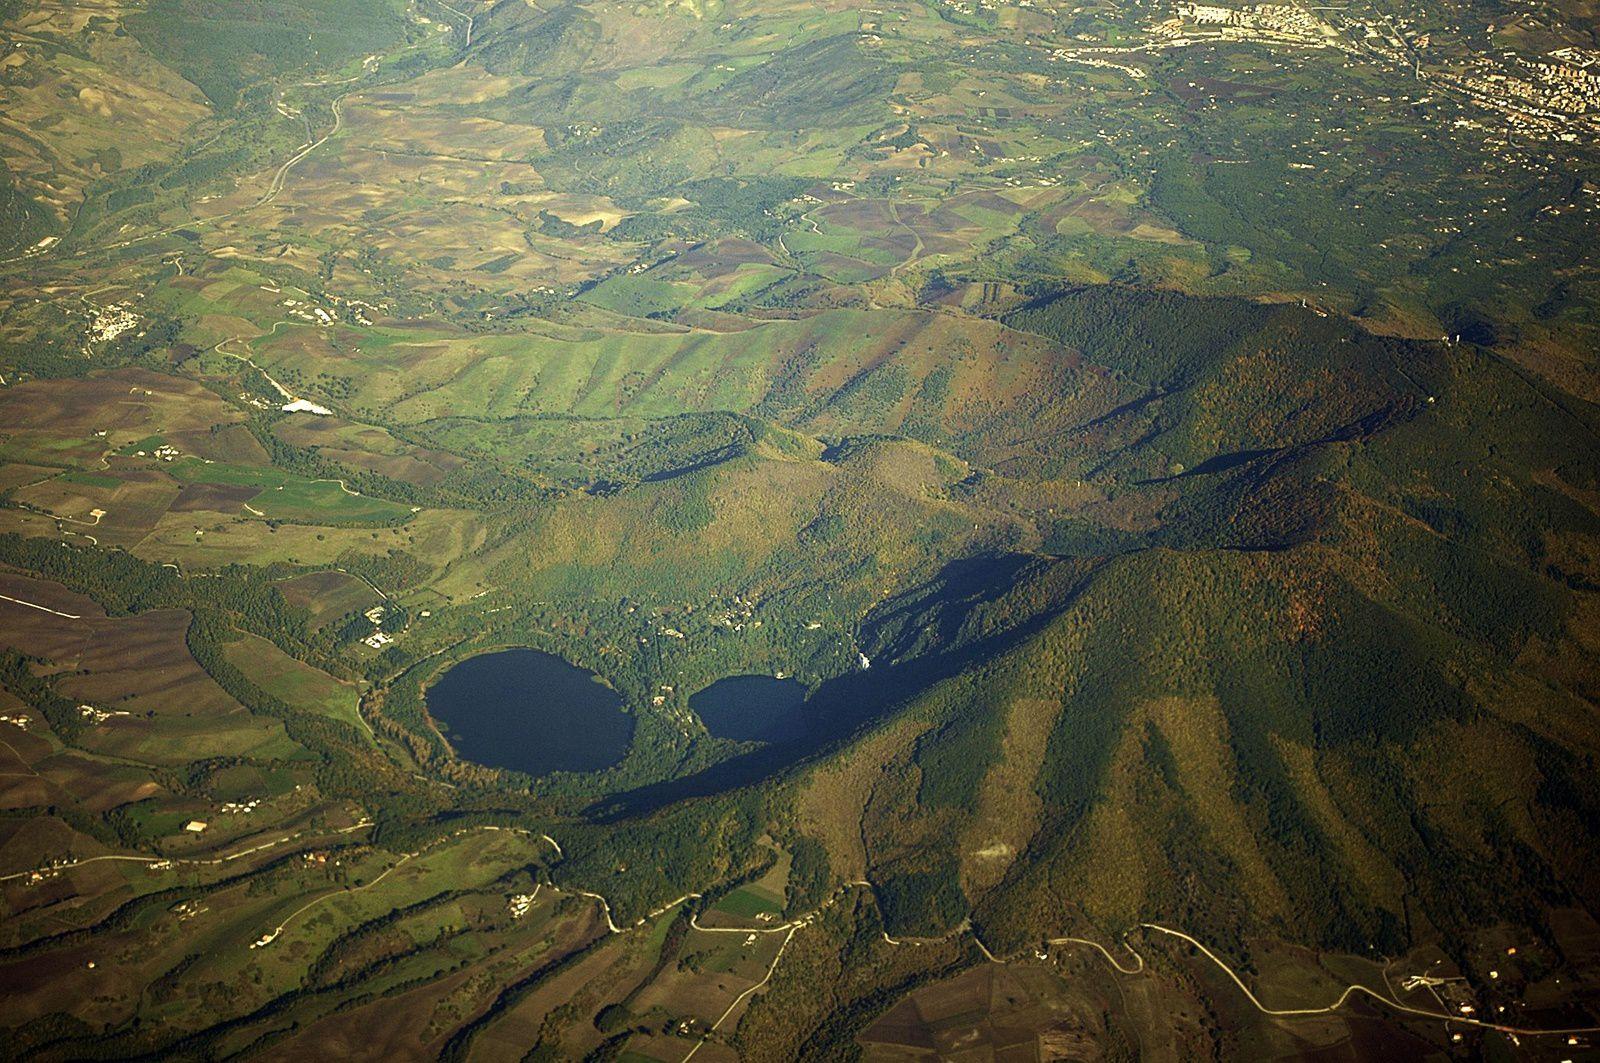 The volcano Vulture and the lakes Monticchio in its caldera - photo Carlo Arm.Gaet. Tripodi